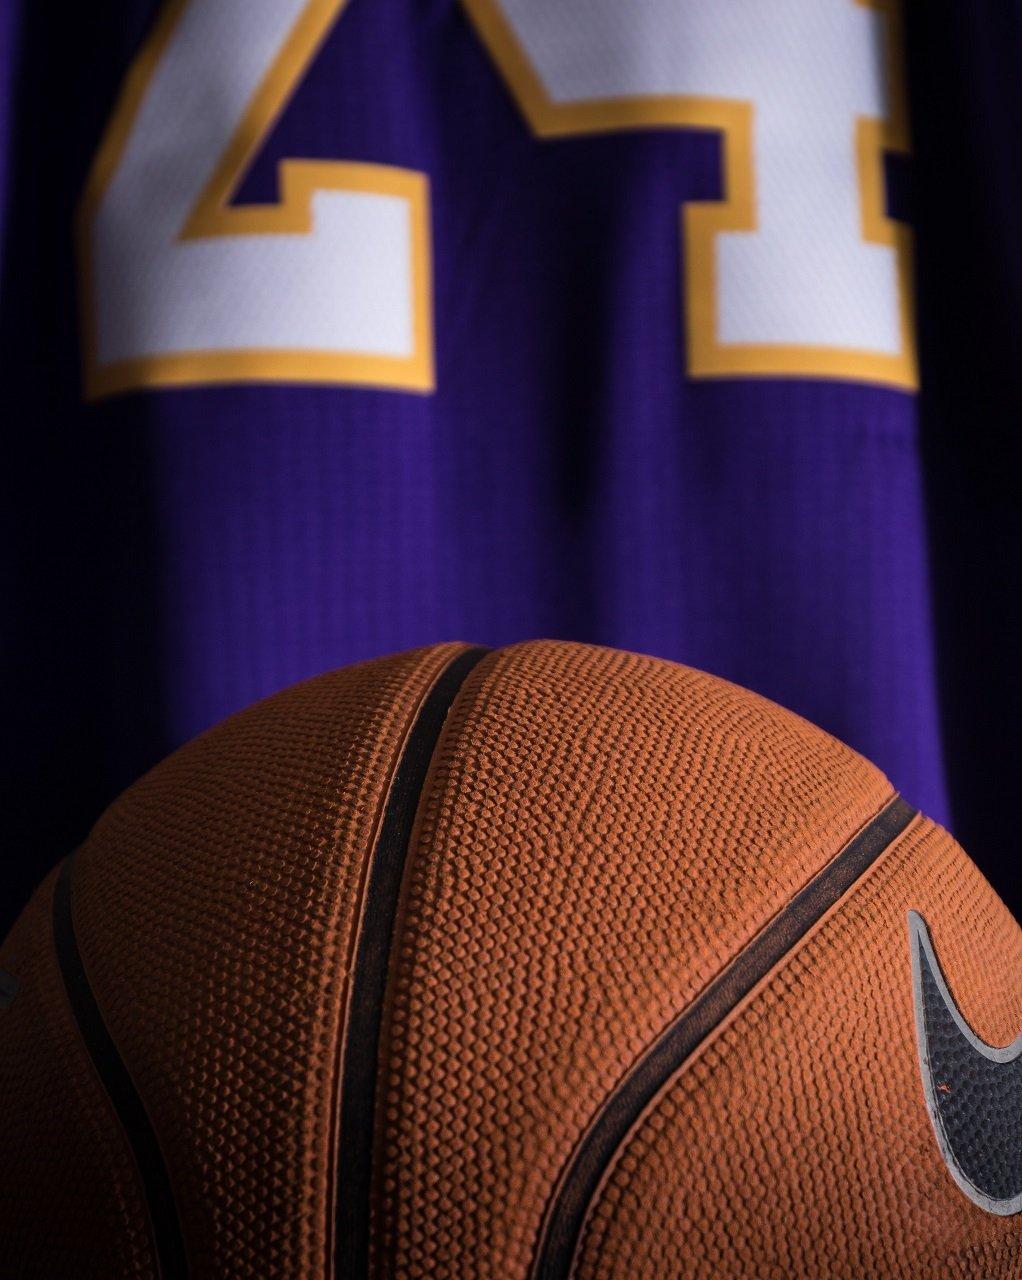 baskettball with shirt image